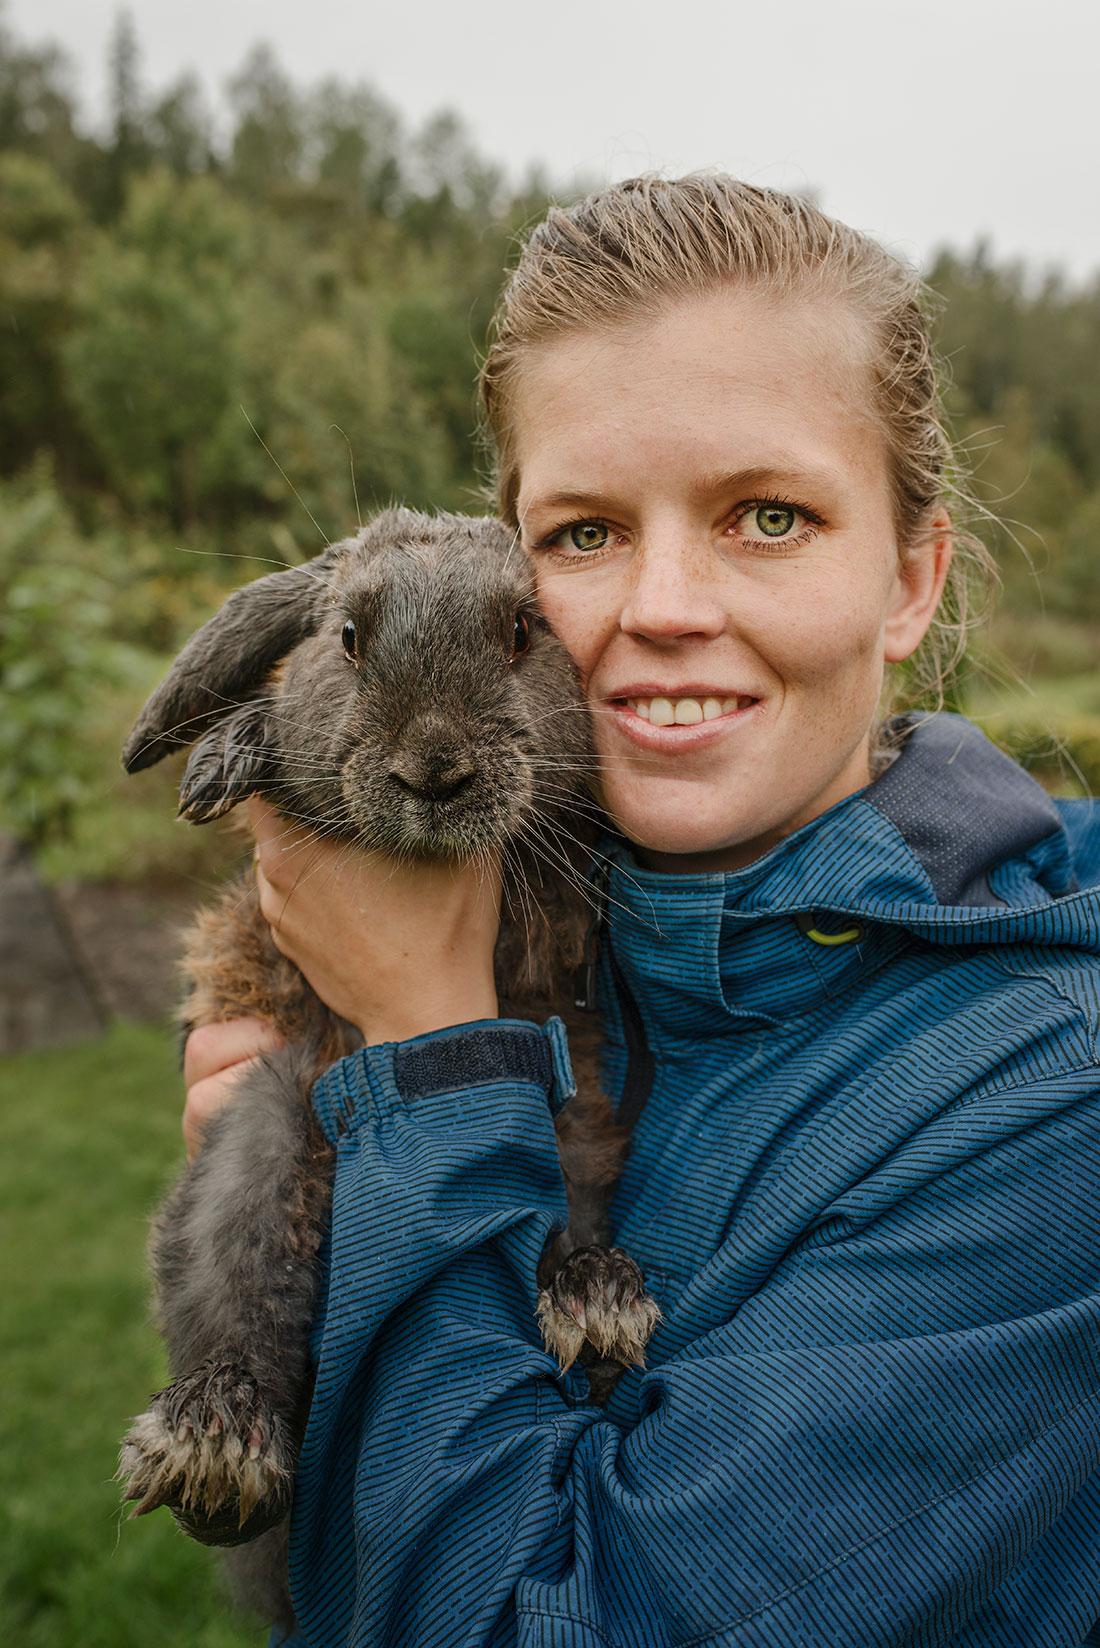 Kaninen Apco är döpt efter en flygskärm, ett annat av Melinas fritidsintressen. Han är Champion i alla grenar och har därför titeln Grand Champion i sitt namn. Foto: Madeleine Andersson.